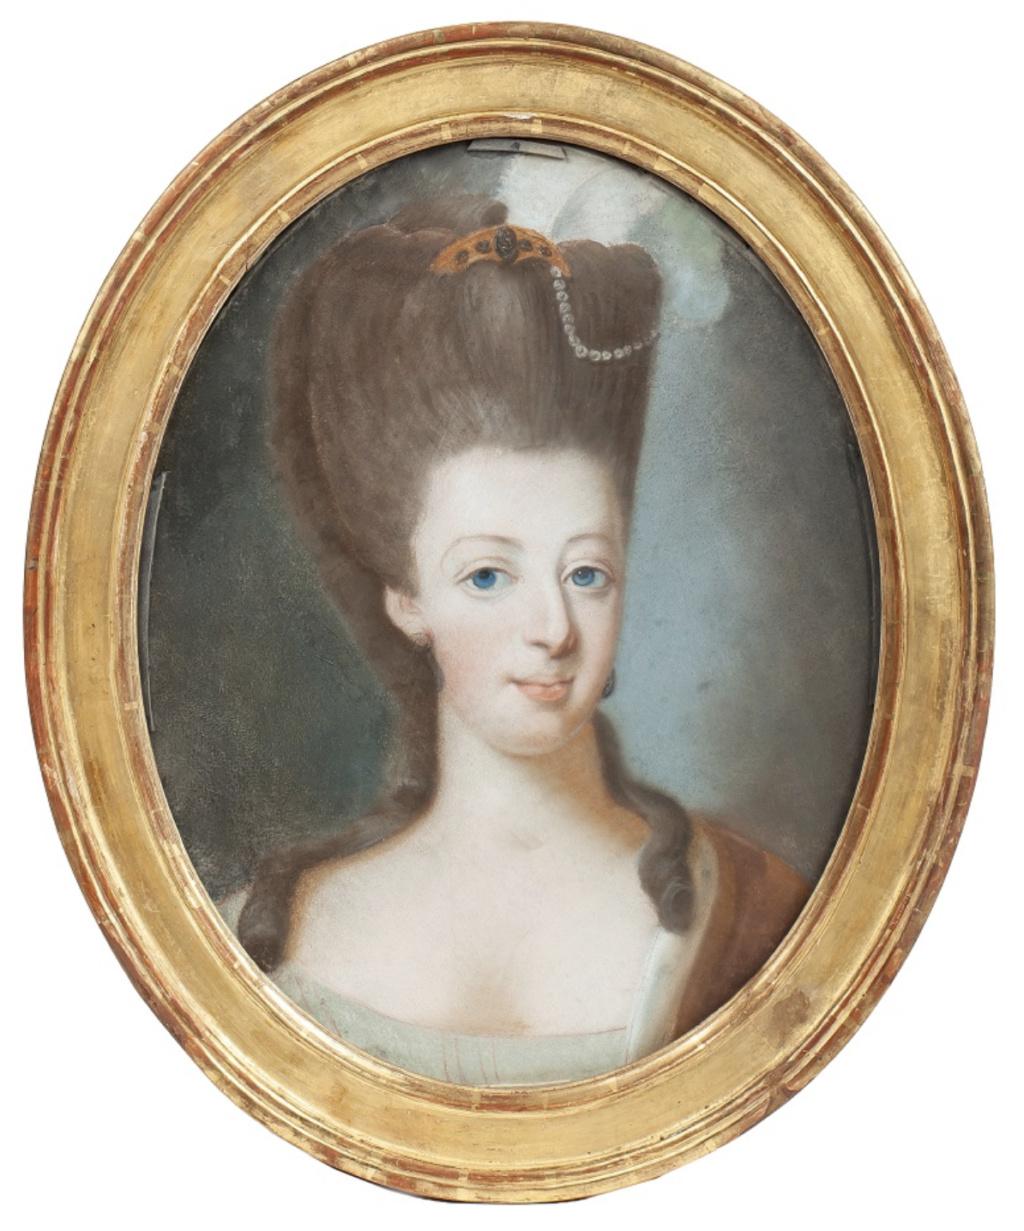 Portraits de Marie-Antoinette attribués aux Gautier Dagoty (ou d'après). - Page 3 Capt1209